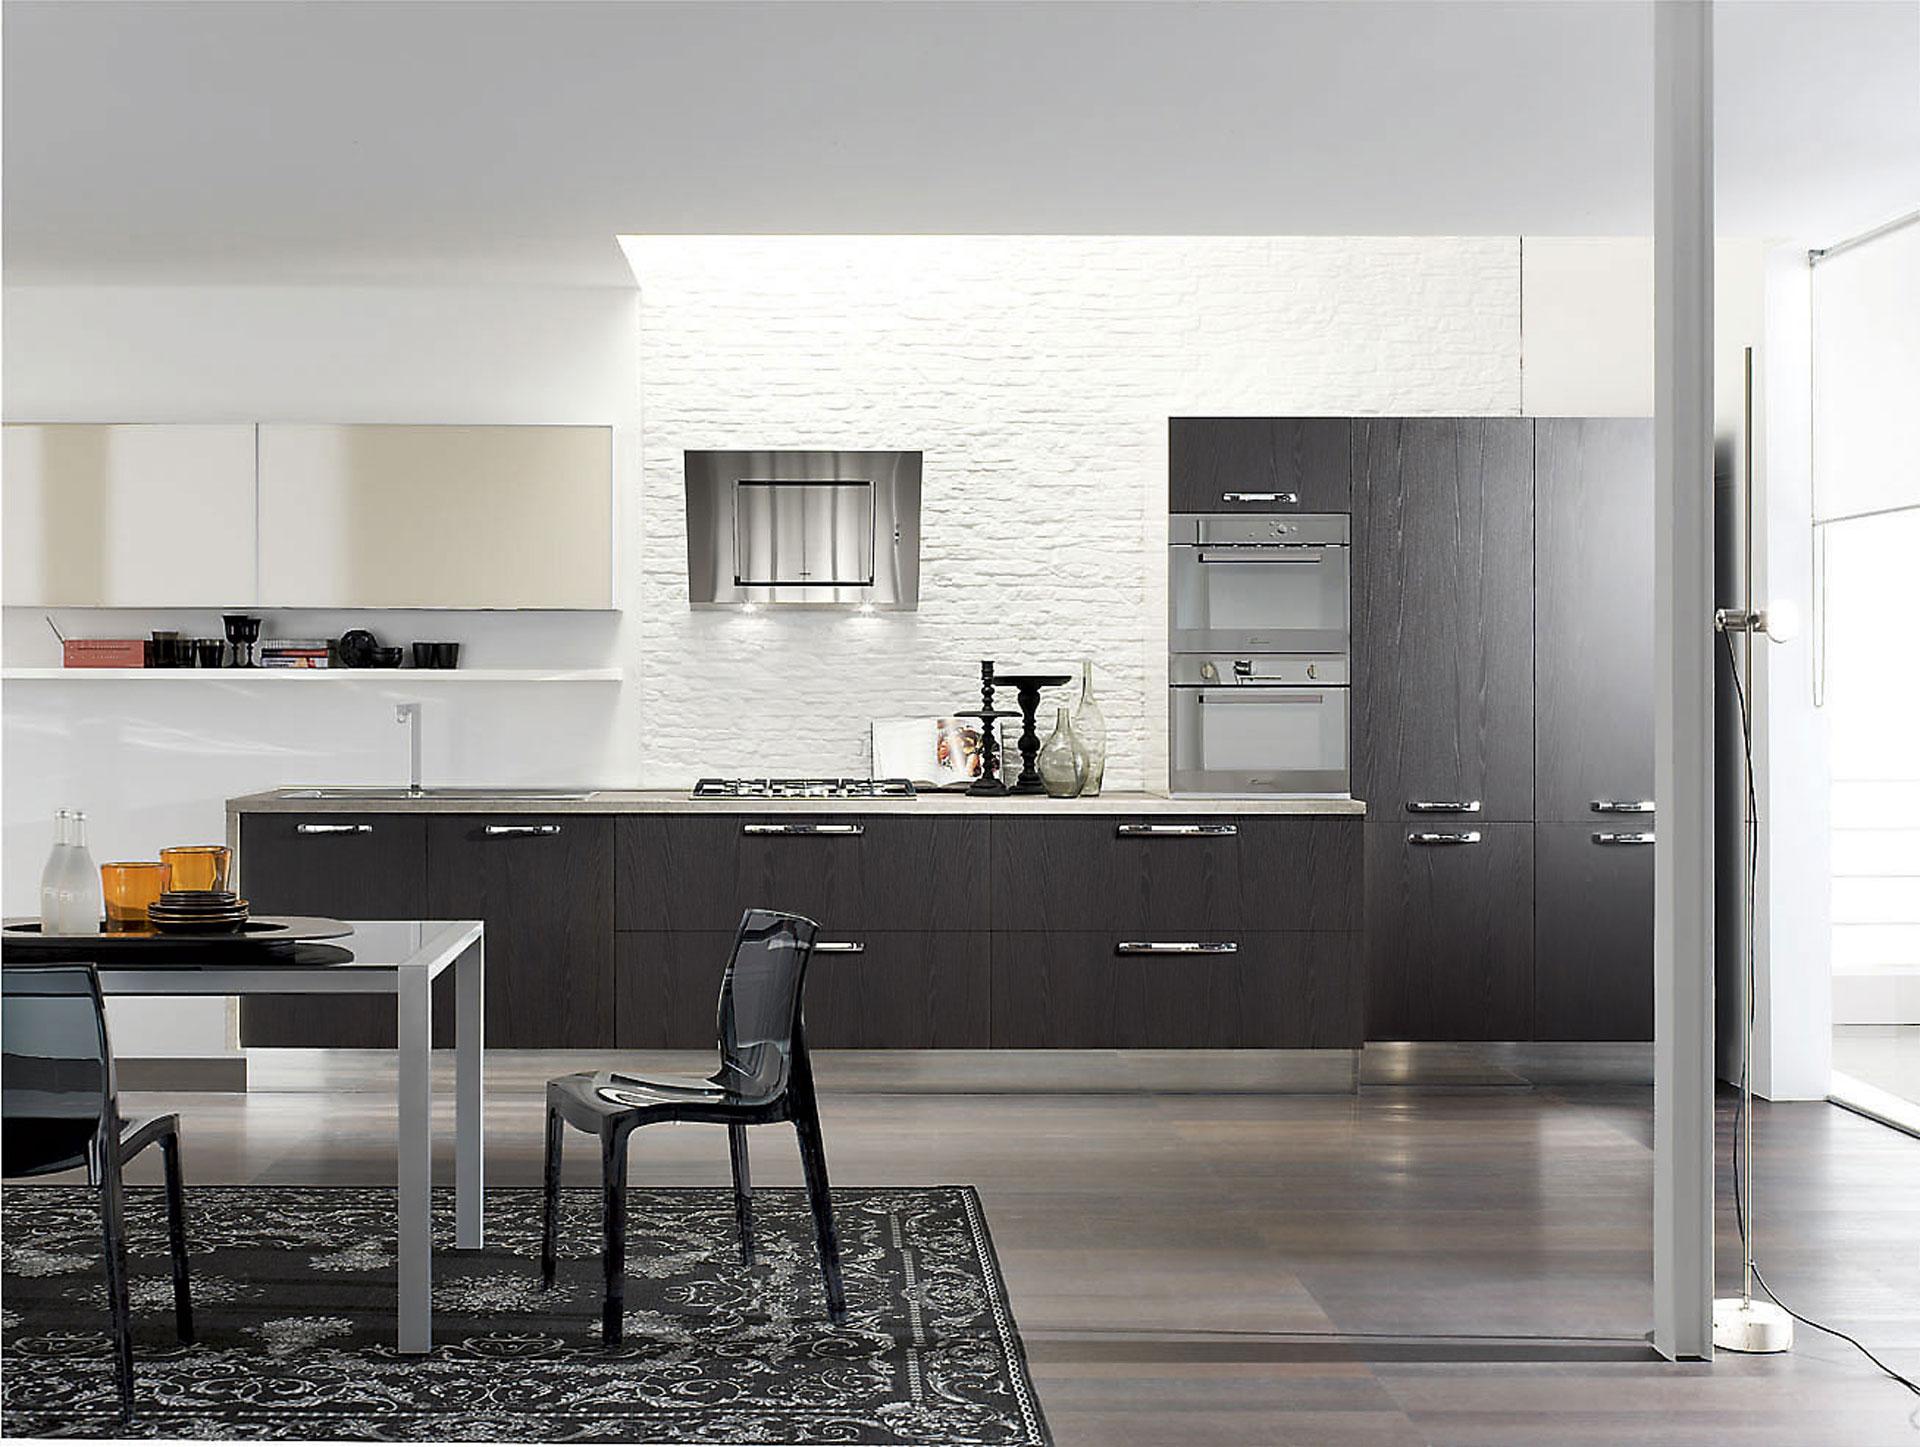 Cucine emmezeta id es de design d 39 int rieur for Emmezeta arredamenti